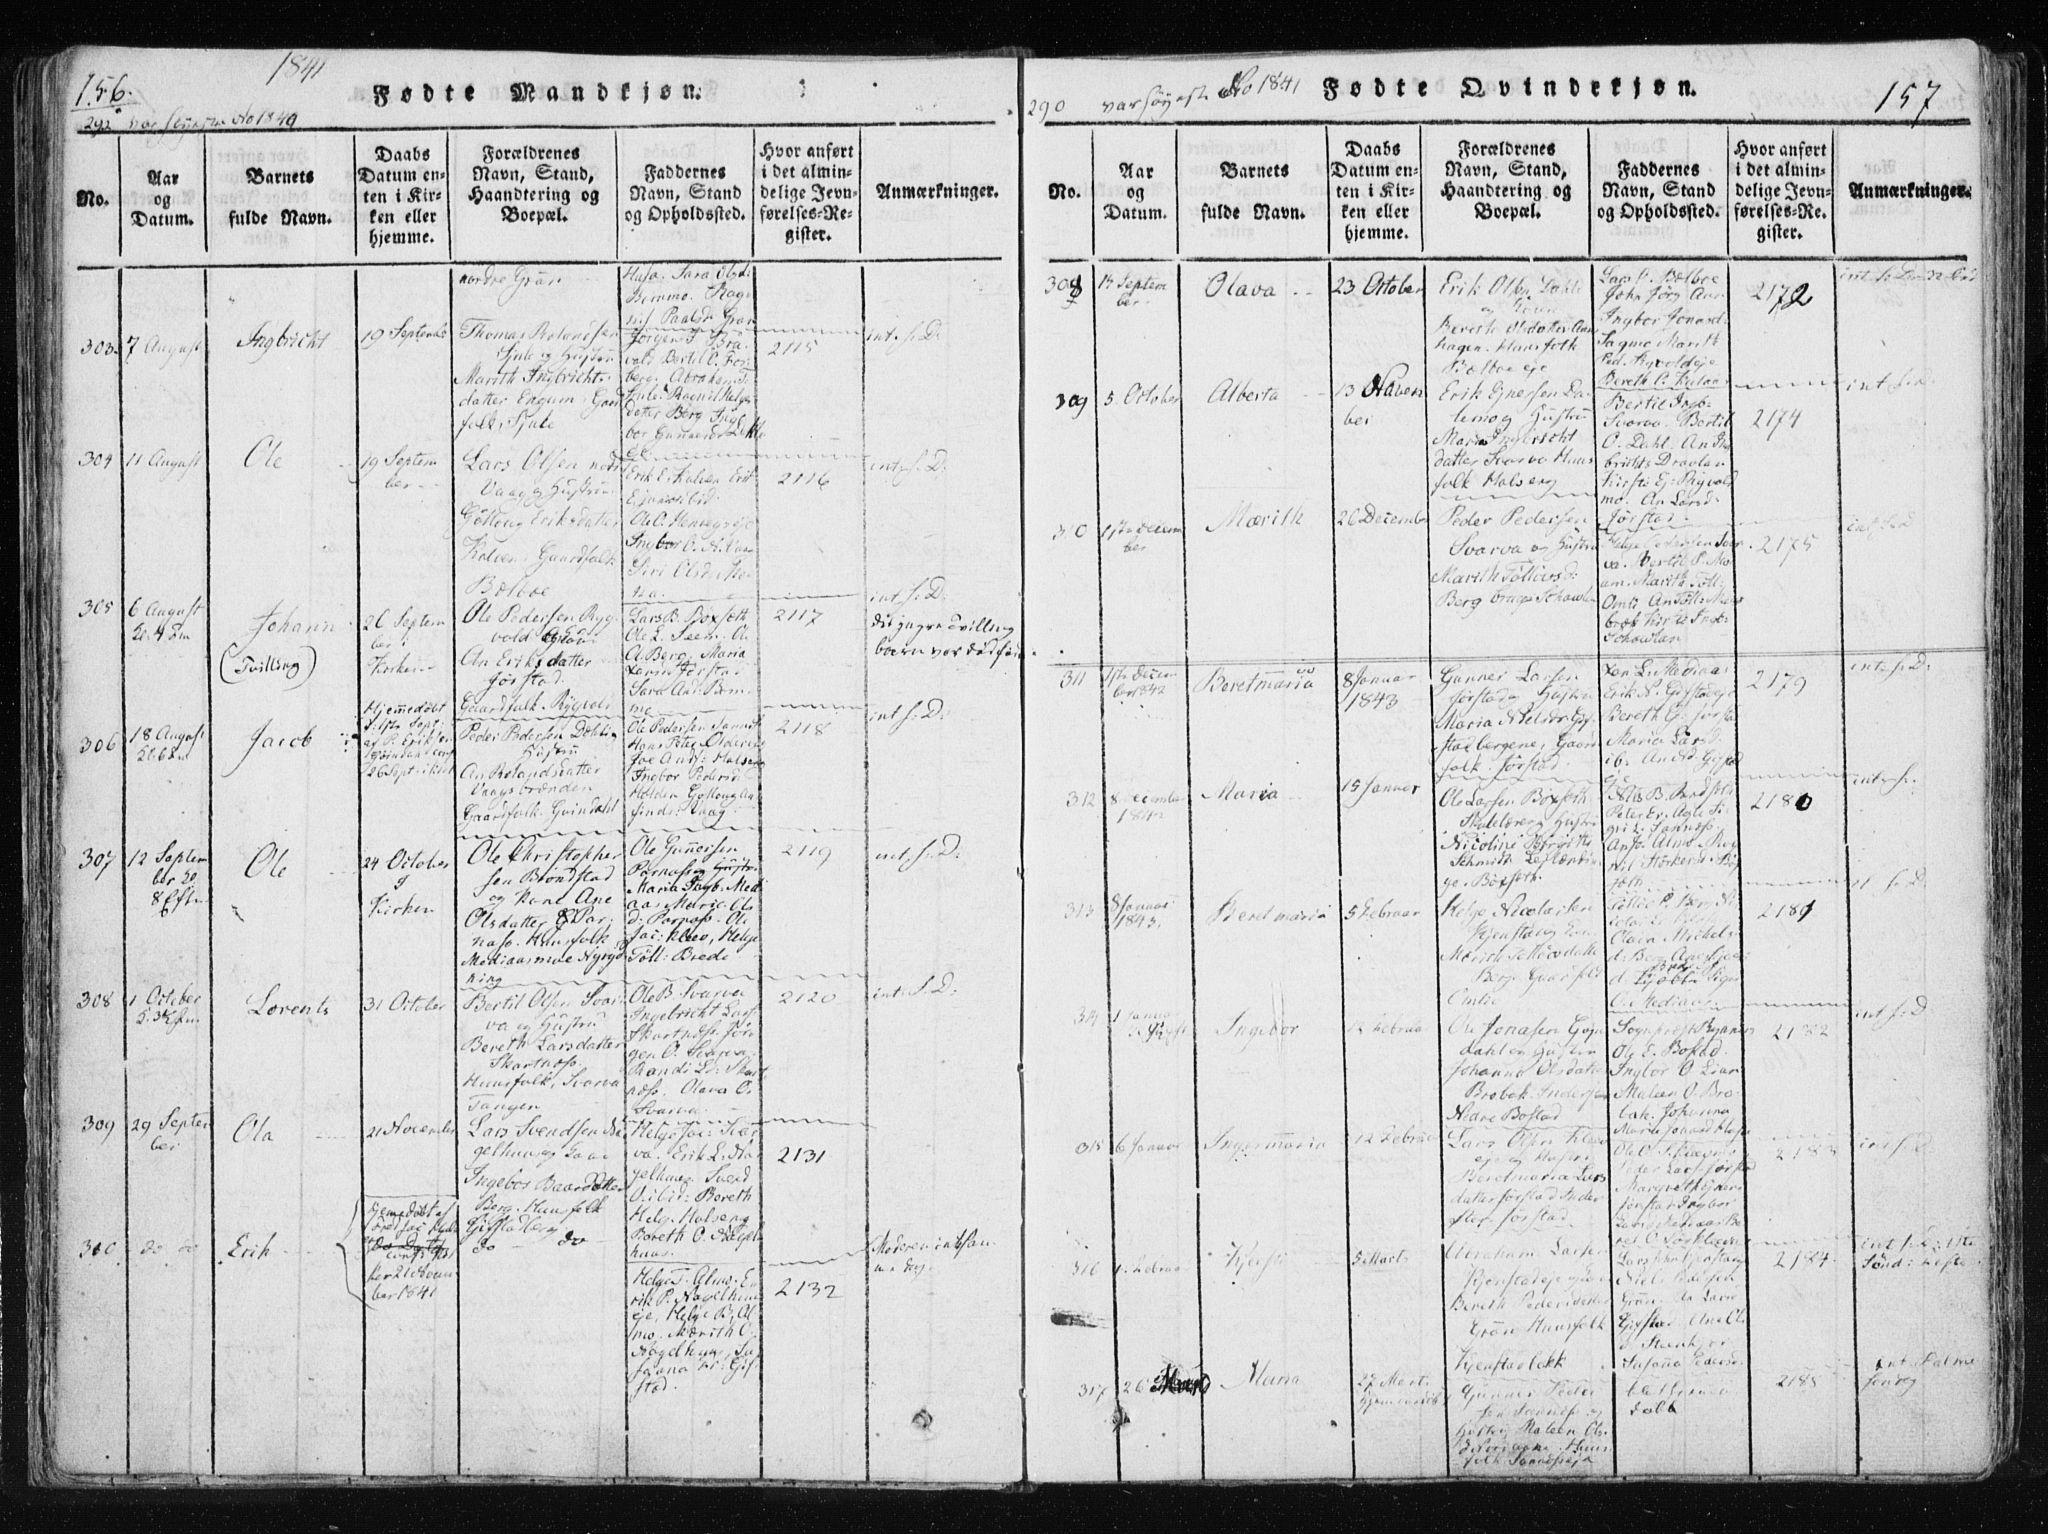 SAT, Ministerialprotokoller, klokkerbøker og fødselsregistre - Nord-Trøndelag, 749/L0469: Ministerialbok nr. 749A03, 1817-1857, s. 156-157